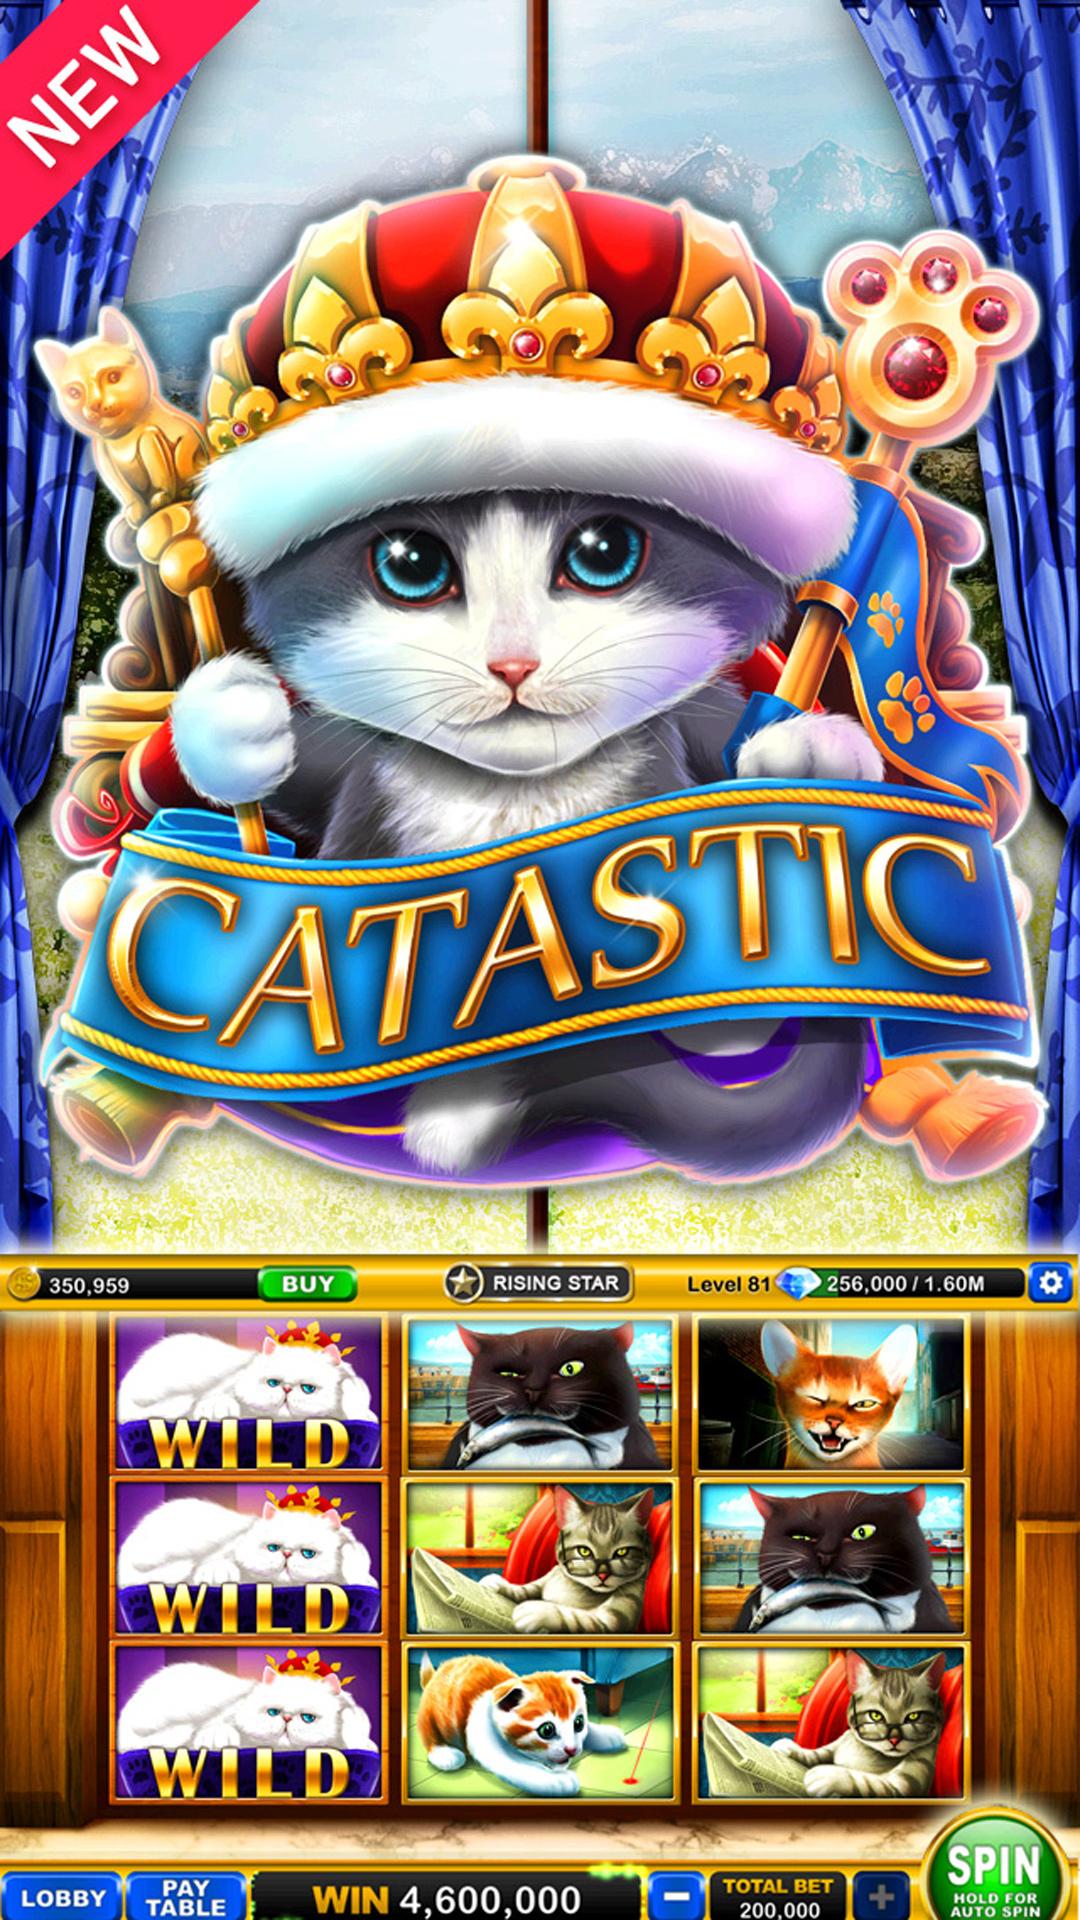 Royale Slots